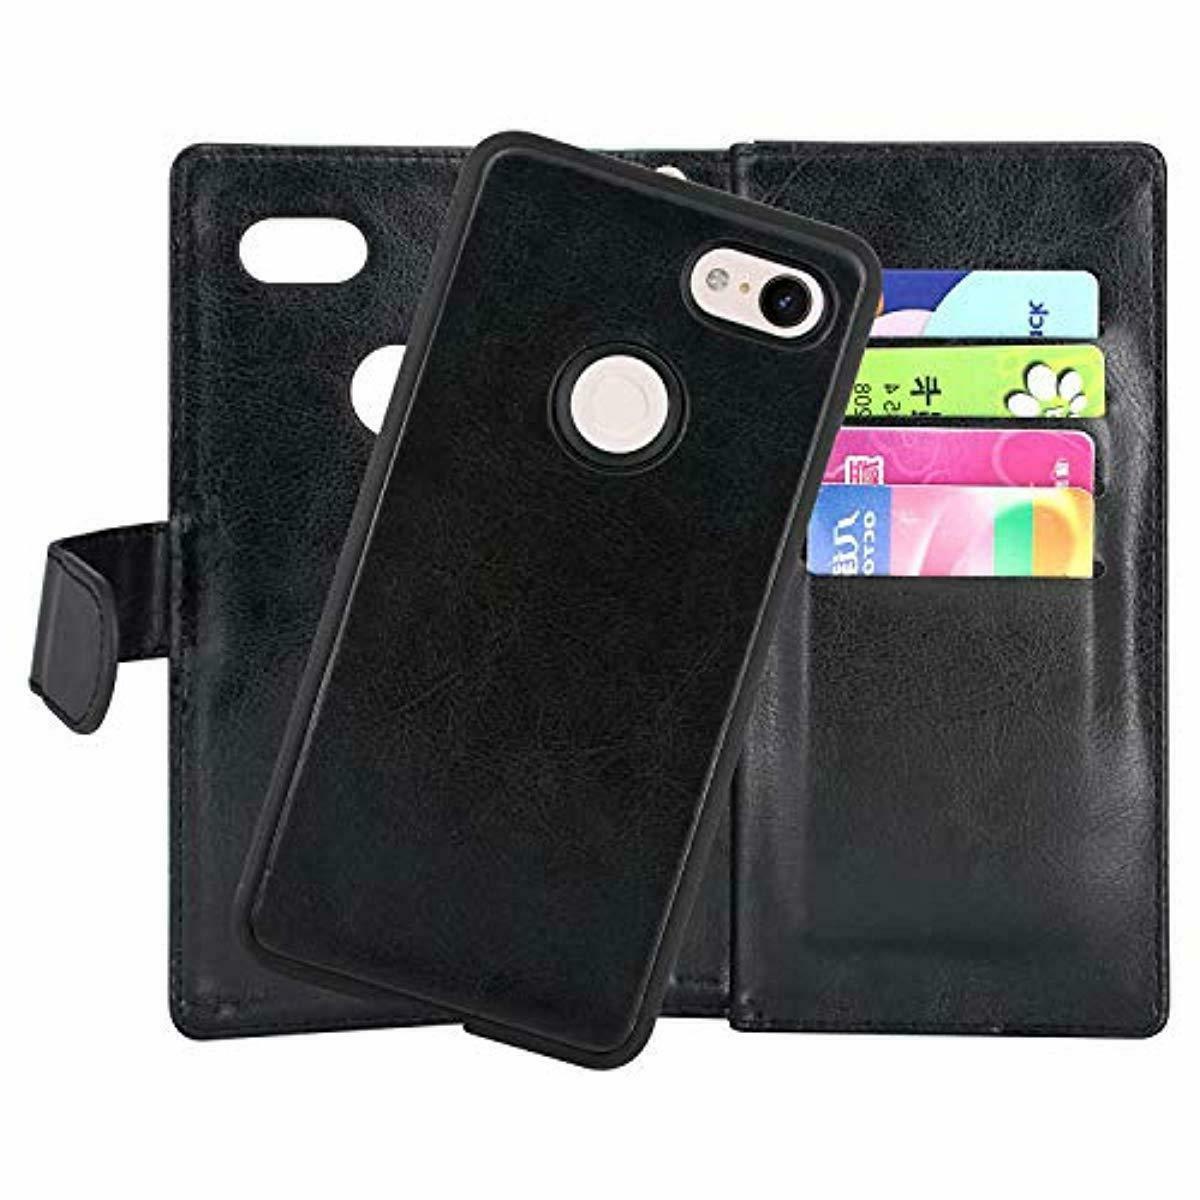 Google 3 XL Case, Harryshell Detachable Magnetic 12 Case